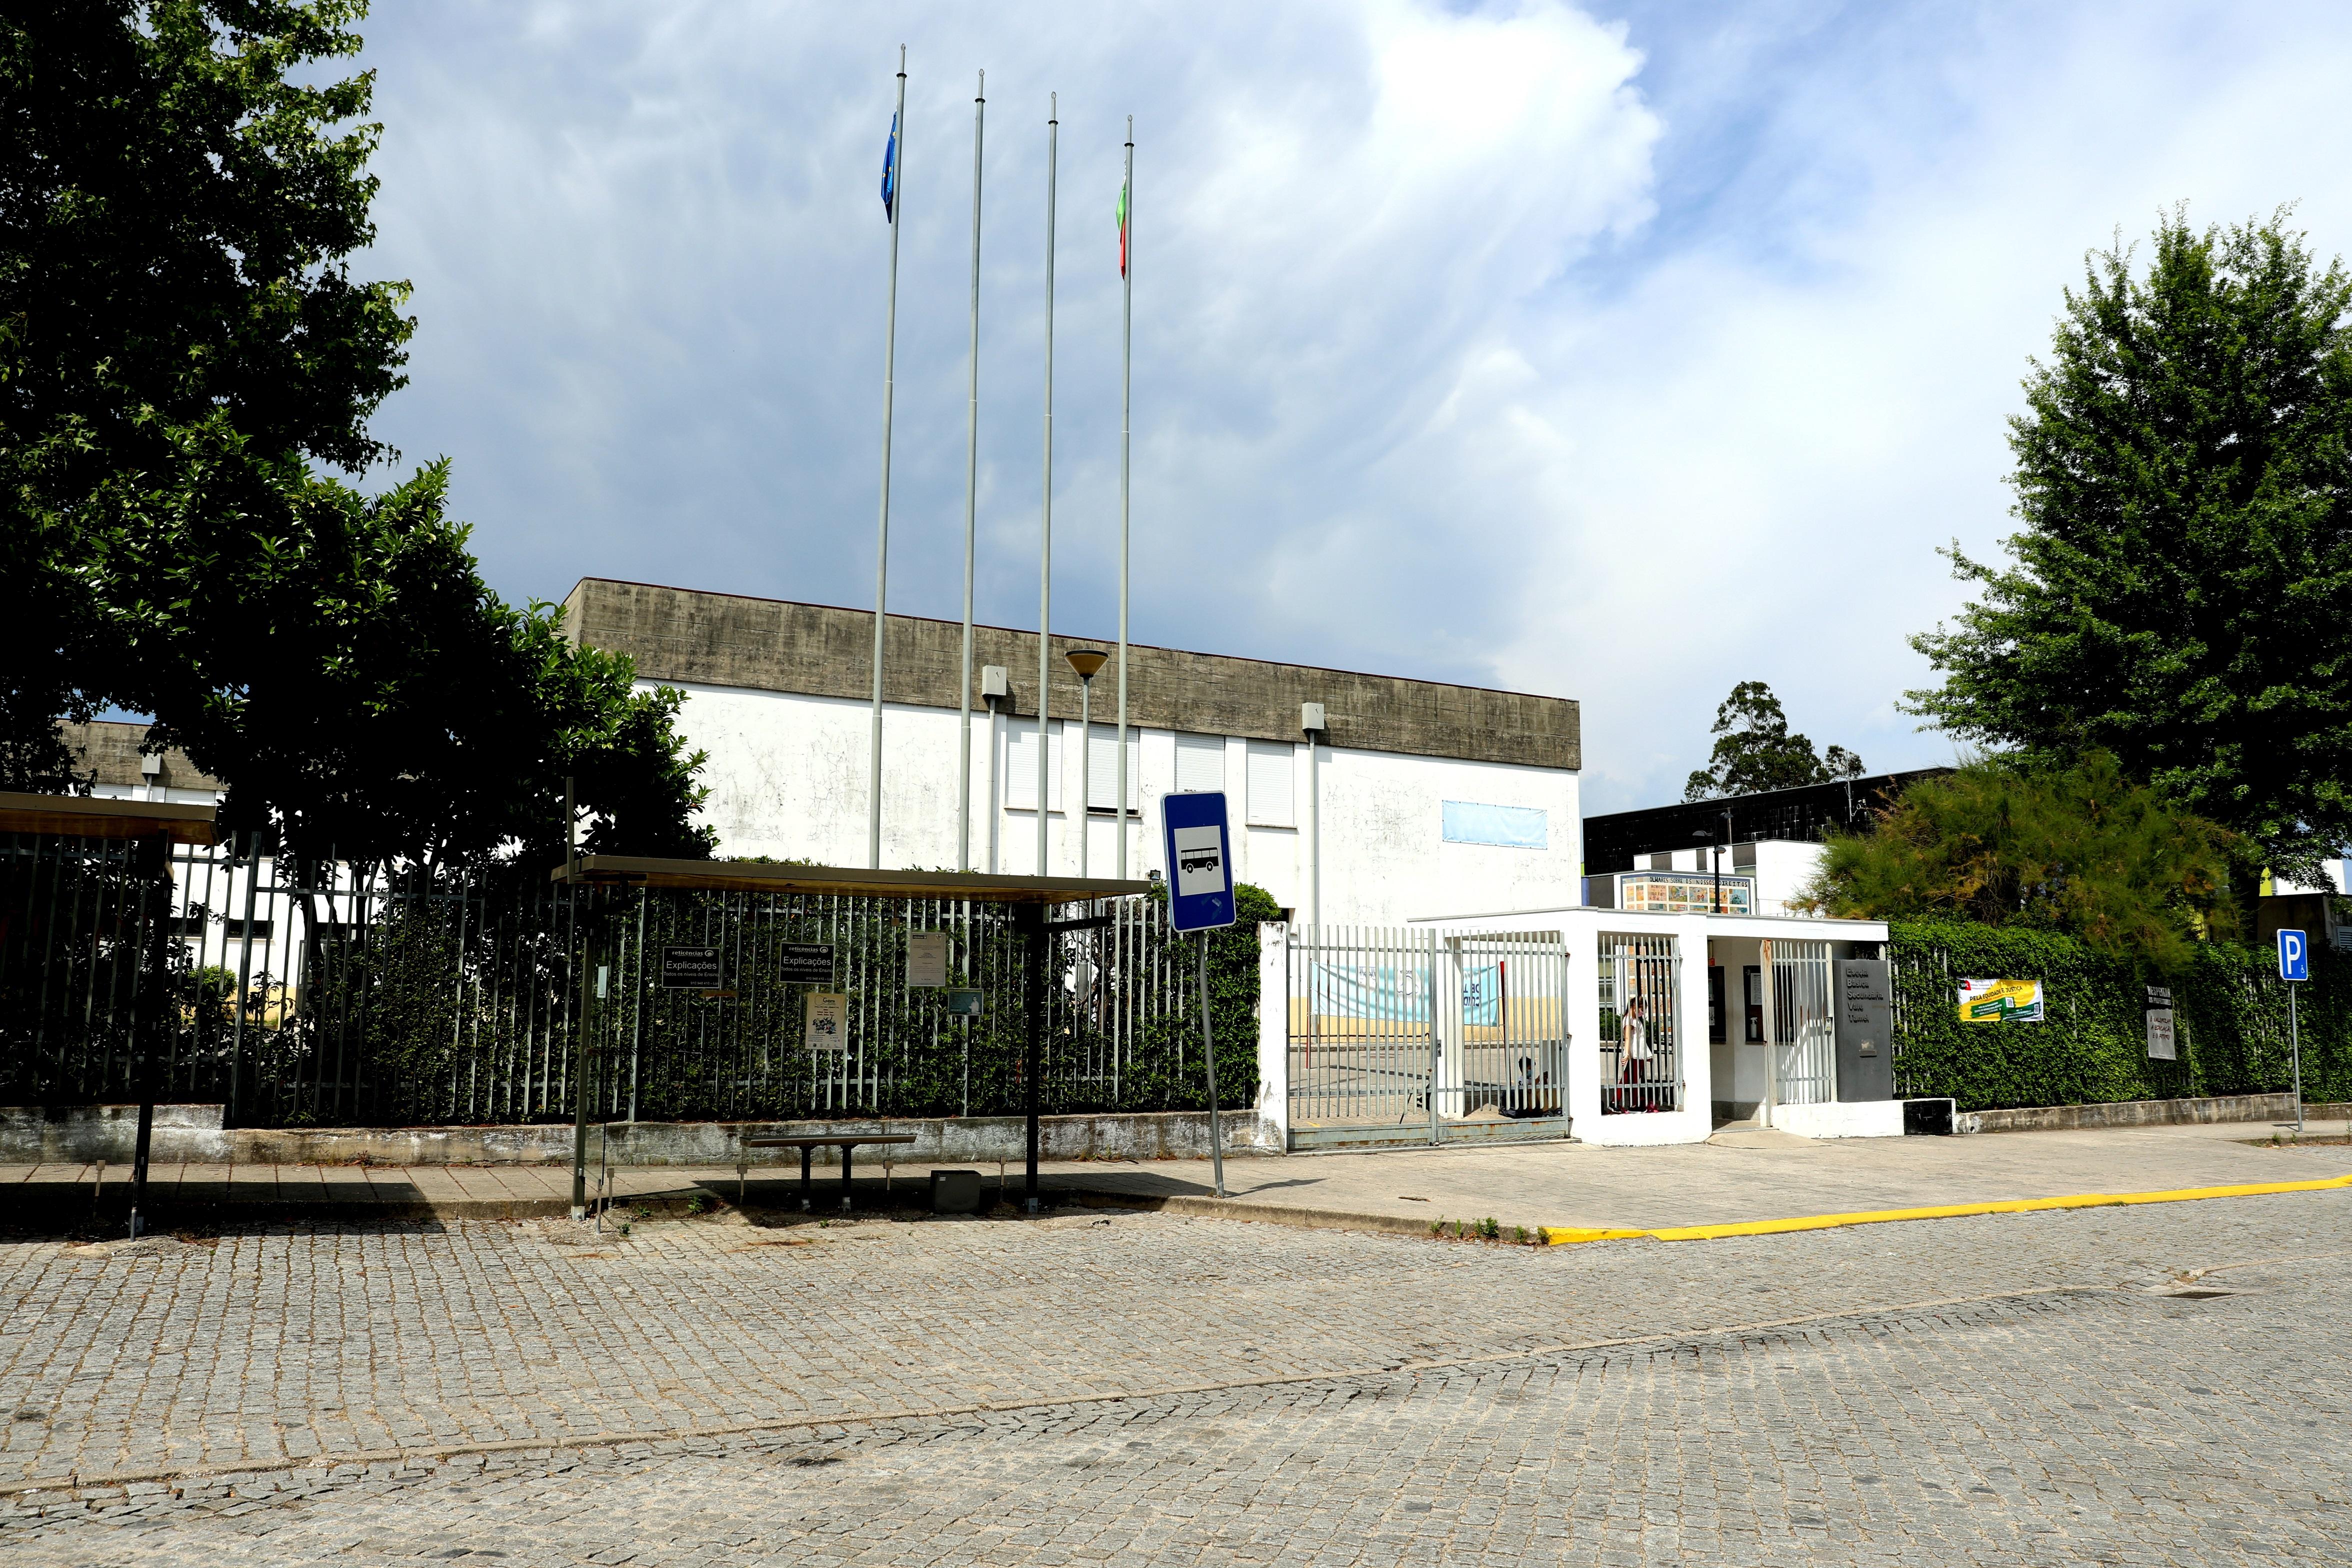 Câmara Municipal adjudica serviço de transportes públicos e empreitada de remoção de amianto